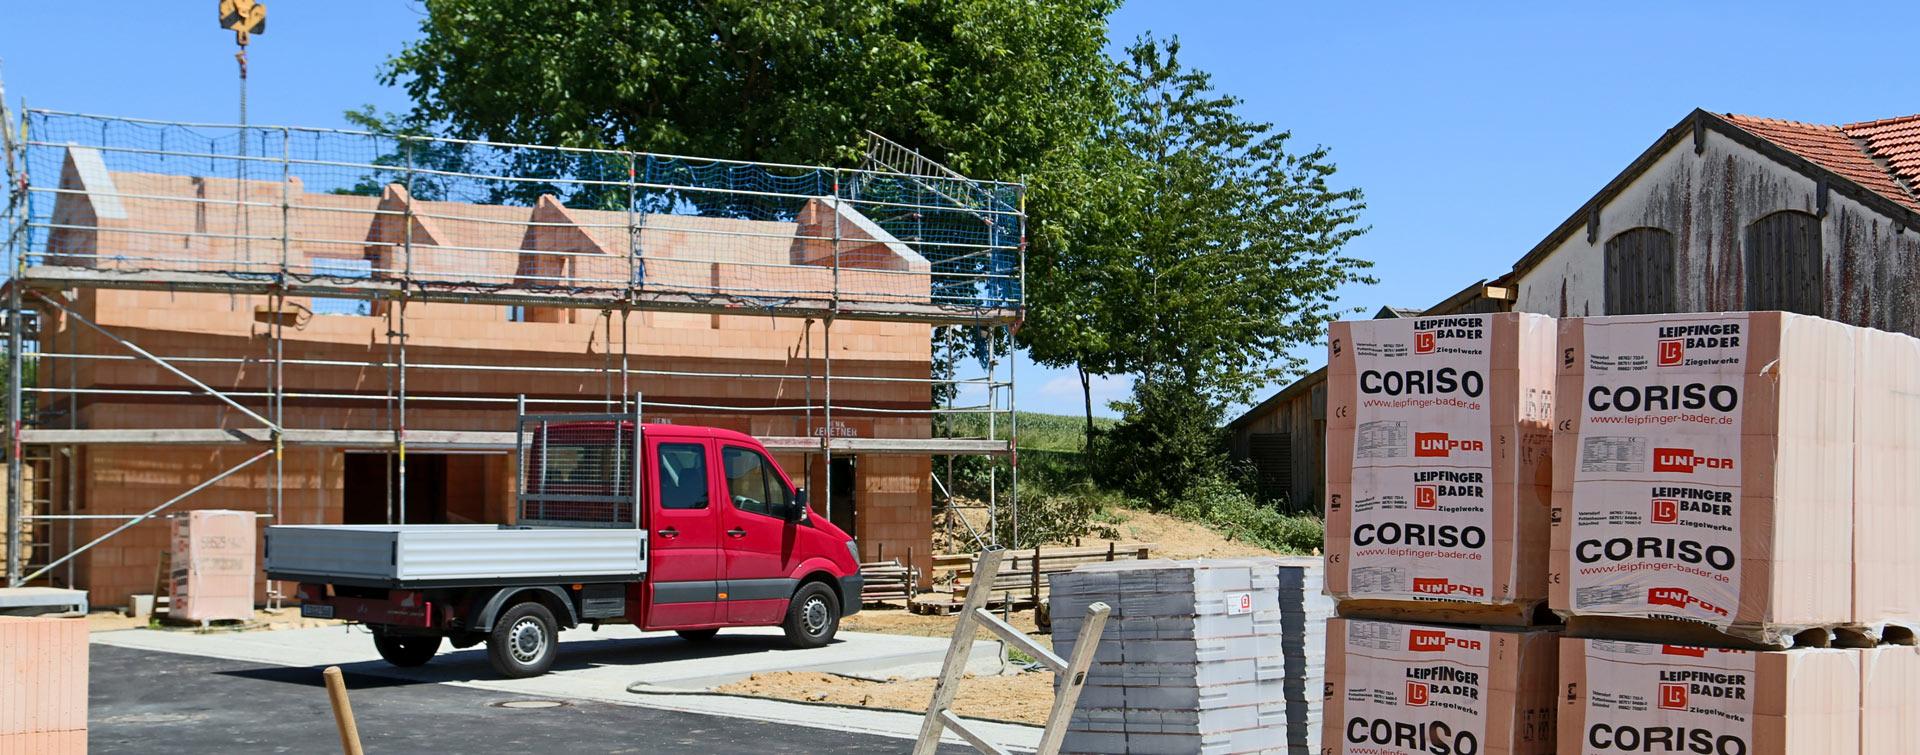 Rohbau von Haus - Projekt von der Zehetner Plan + Bau GmbH